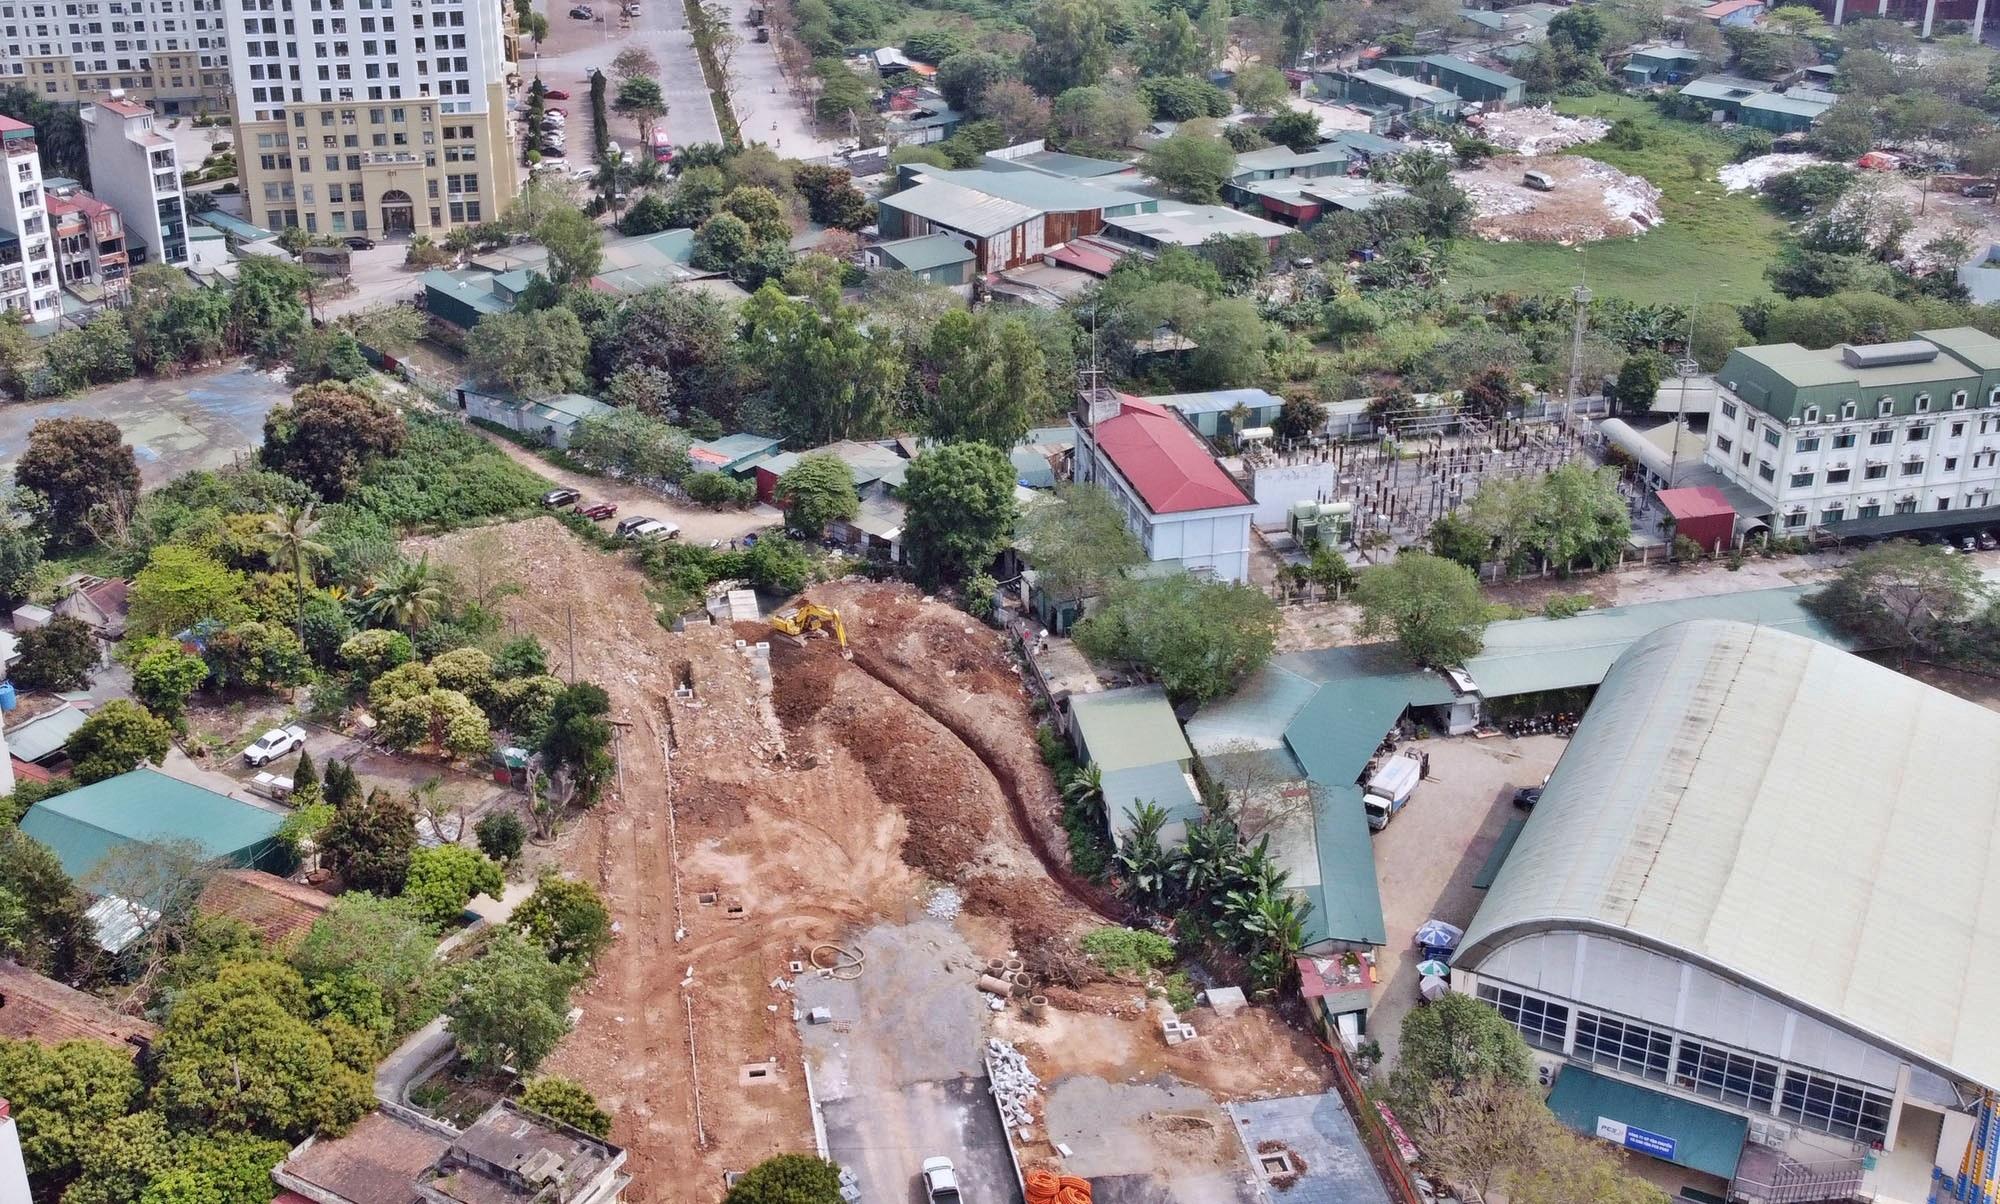 Toàn cảnh đường từ Vũ Quỳnh đến Lê Đức Thọ - Phạm Hùng đang mở theo quy hoạch ở Hà Nội - Ảnh 2.